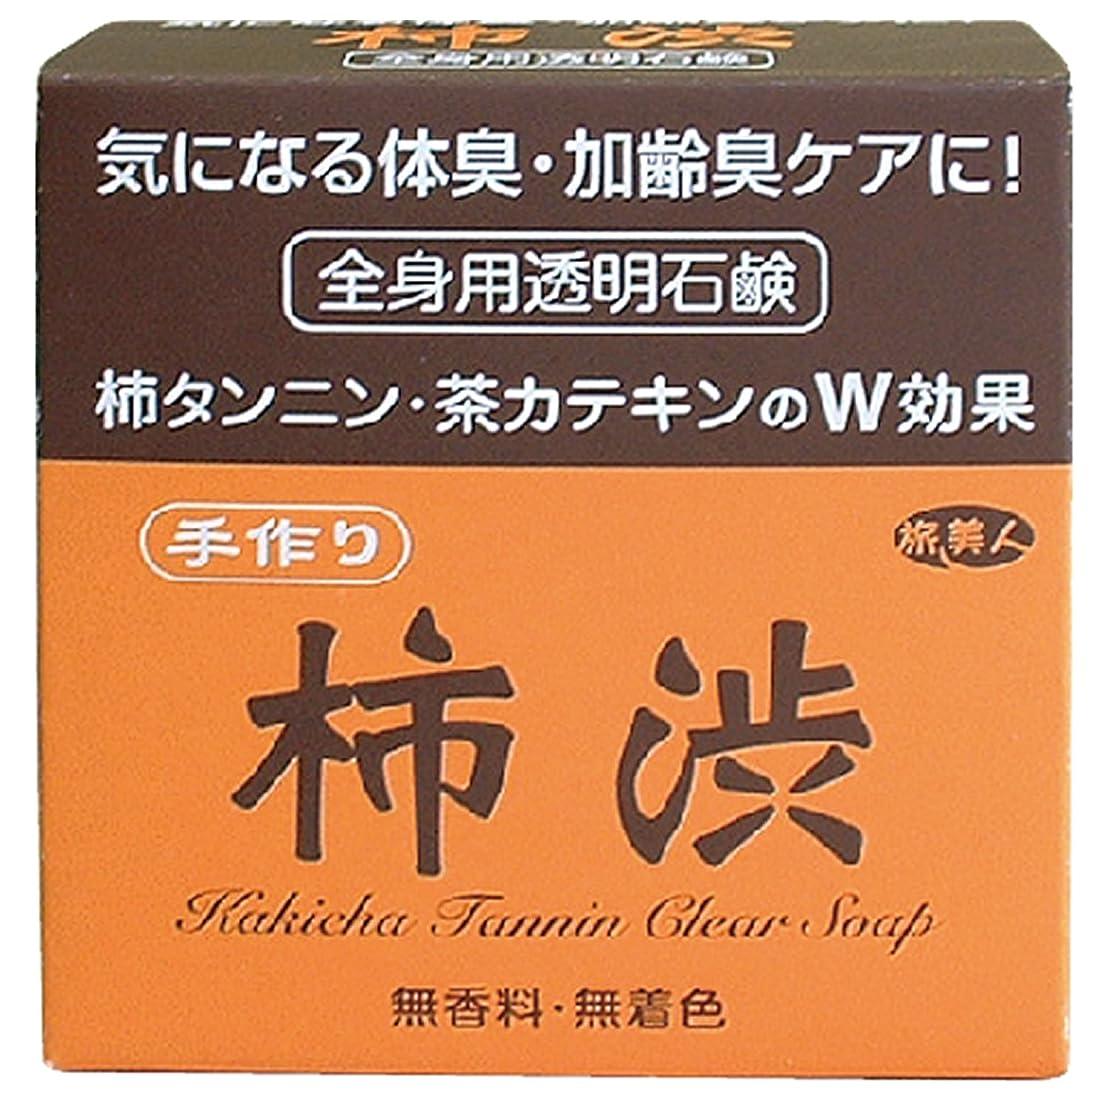 商標項目爬虫類気になる体臭?加齢臭ケアに アズマ商事の手作り柿渋透明石鹸